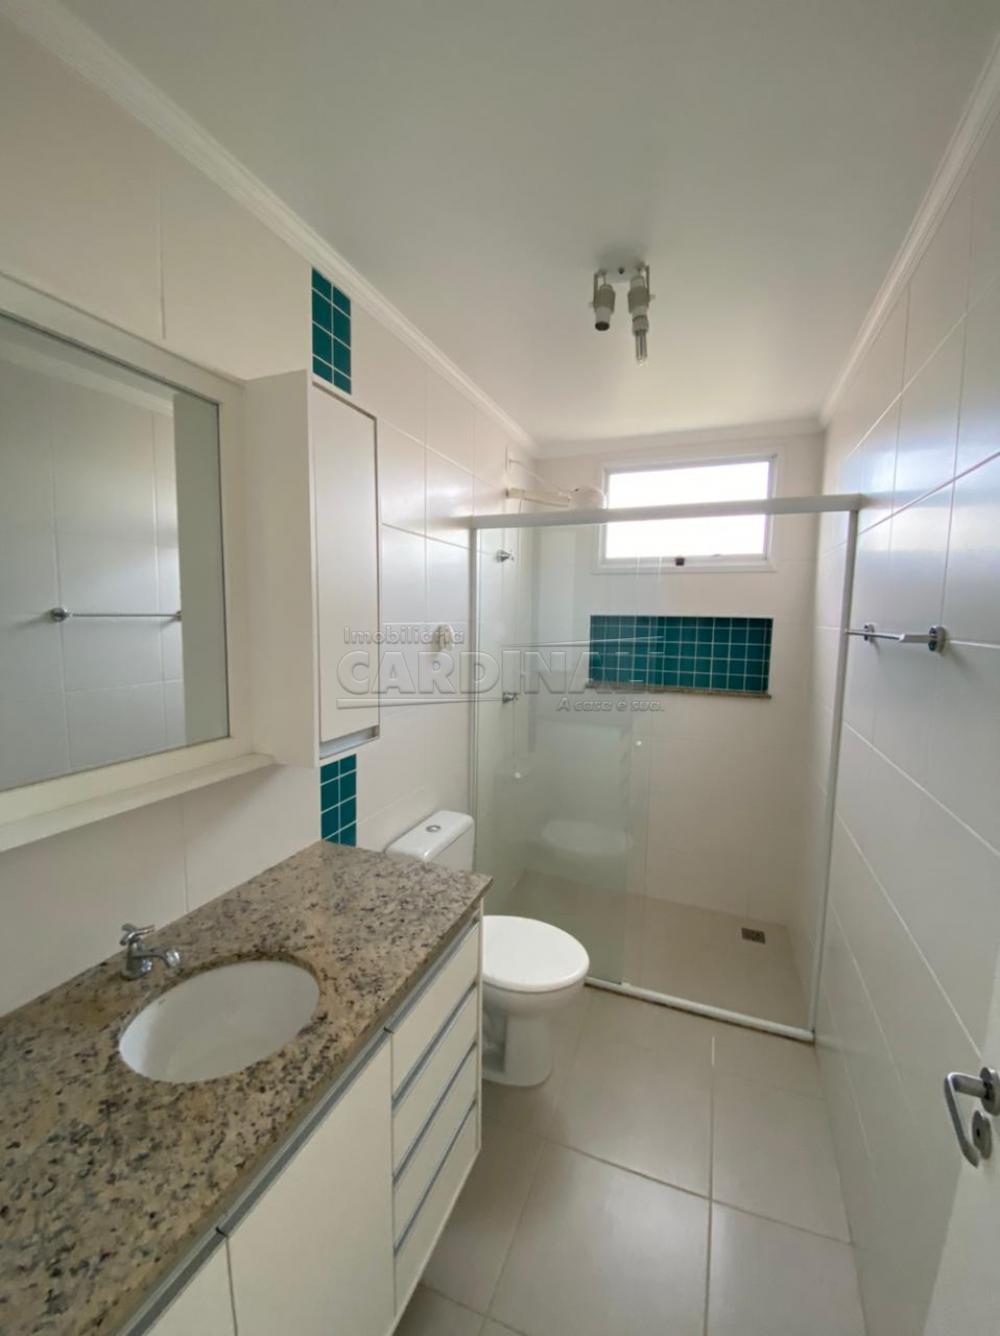 Alugar Apartamento / Padrão em São Carlos R$ 1.700,00 - Foto 2